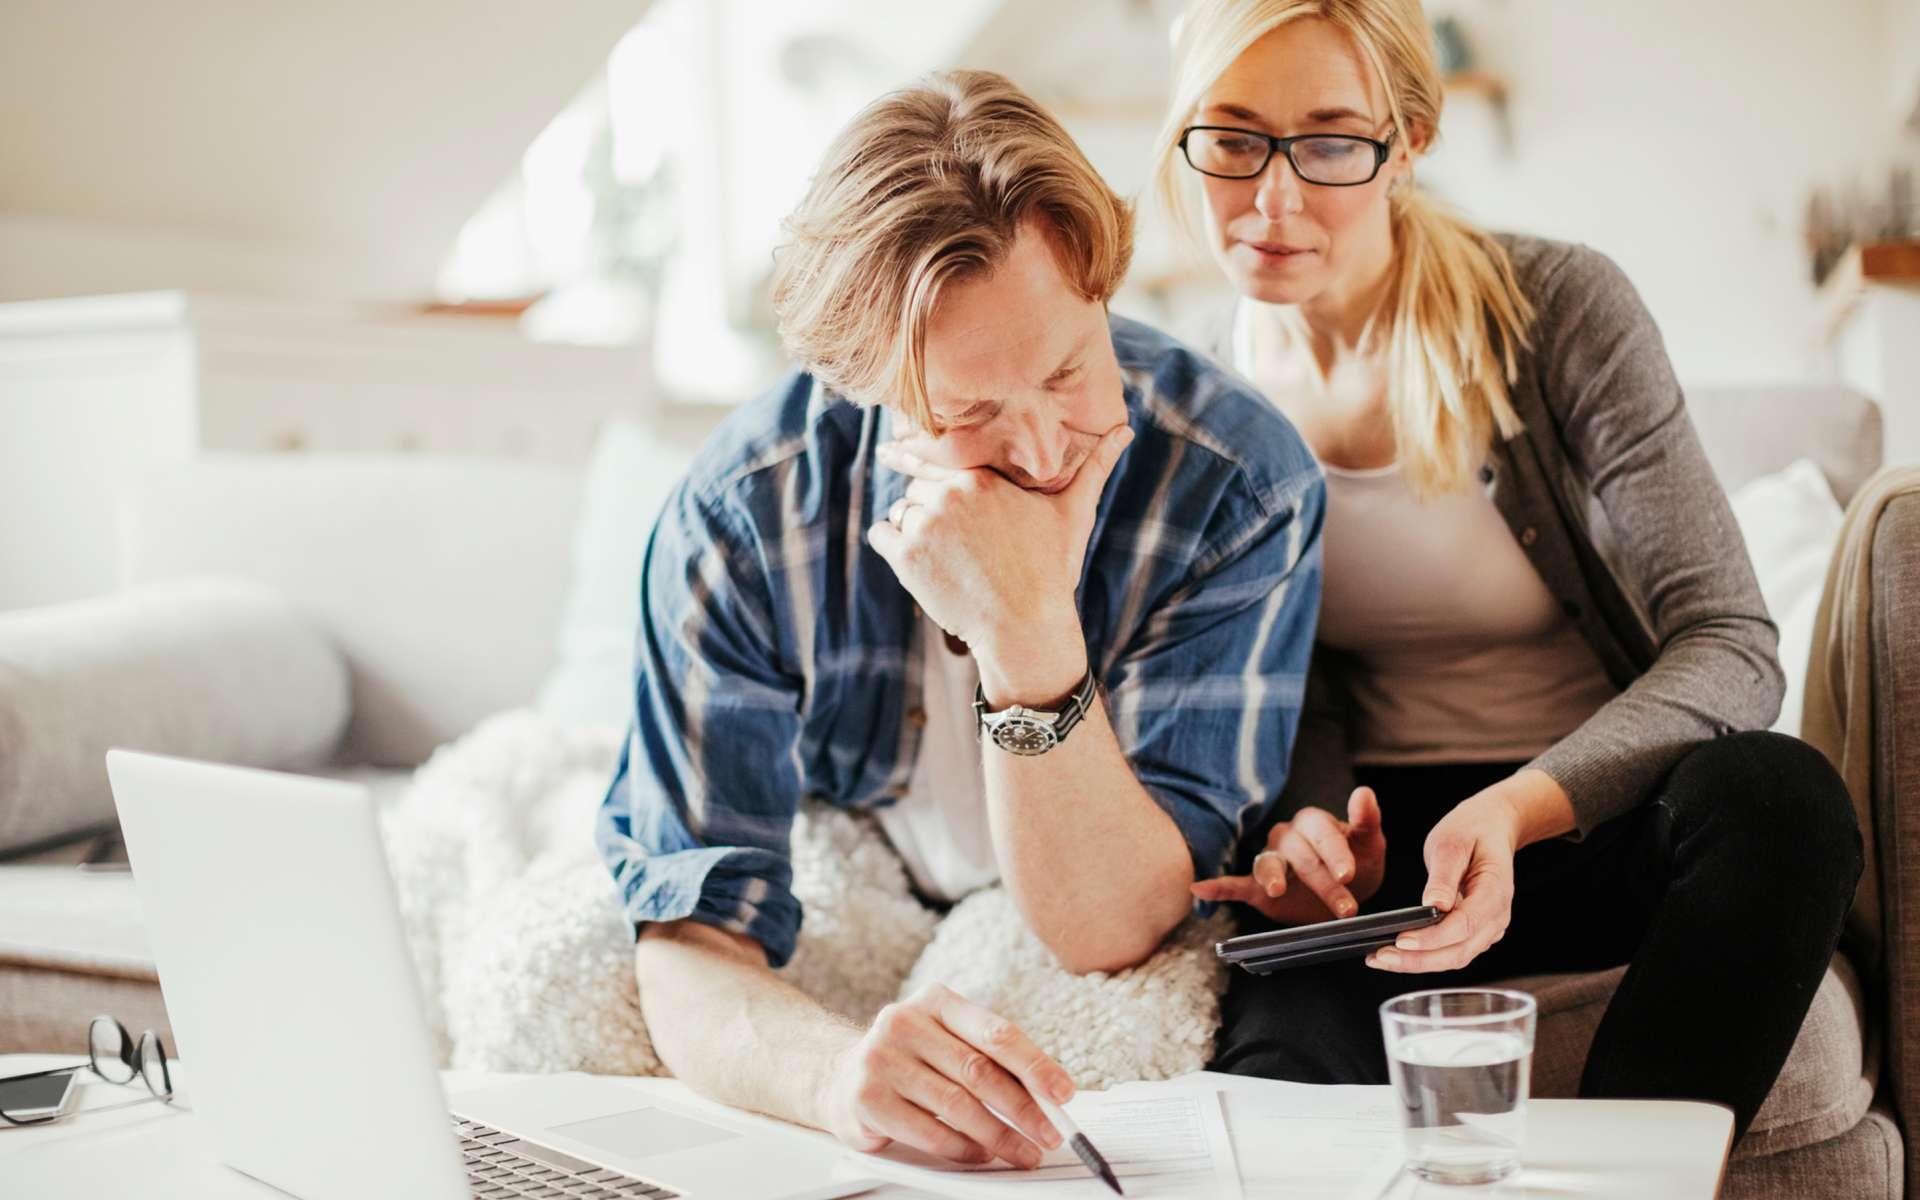 Une attestation et deux justificatifs sont à télécharger pour avoir la possibilité de sortir de chez soi pendant ce reconfinement. © Geber86, IStock.com